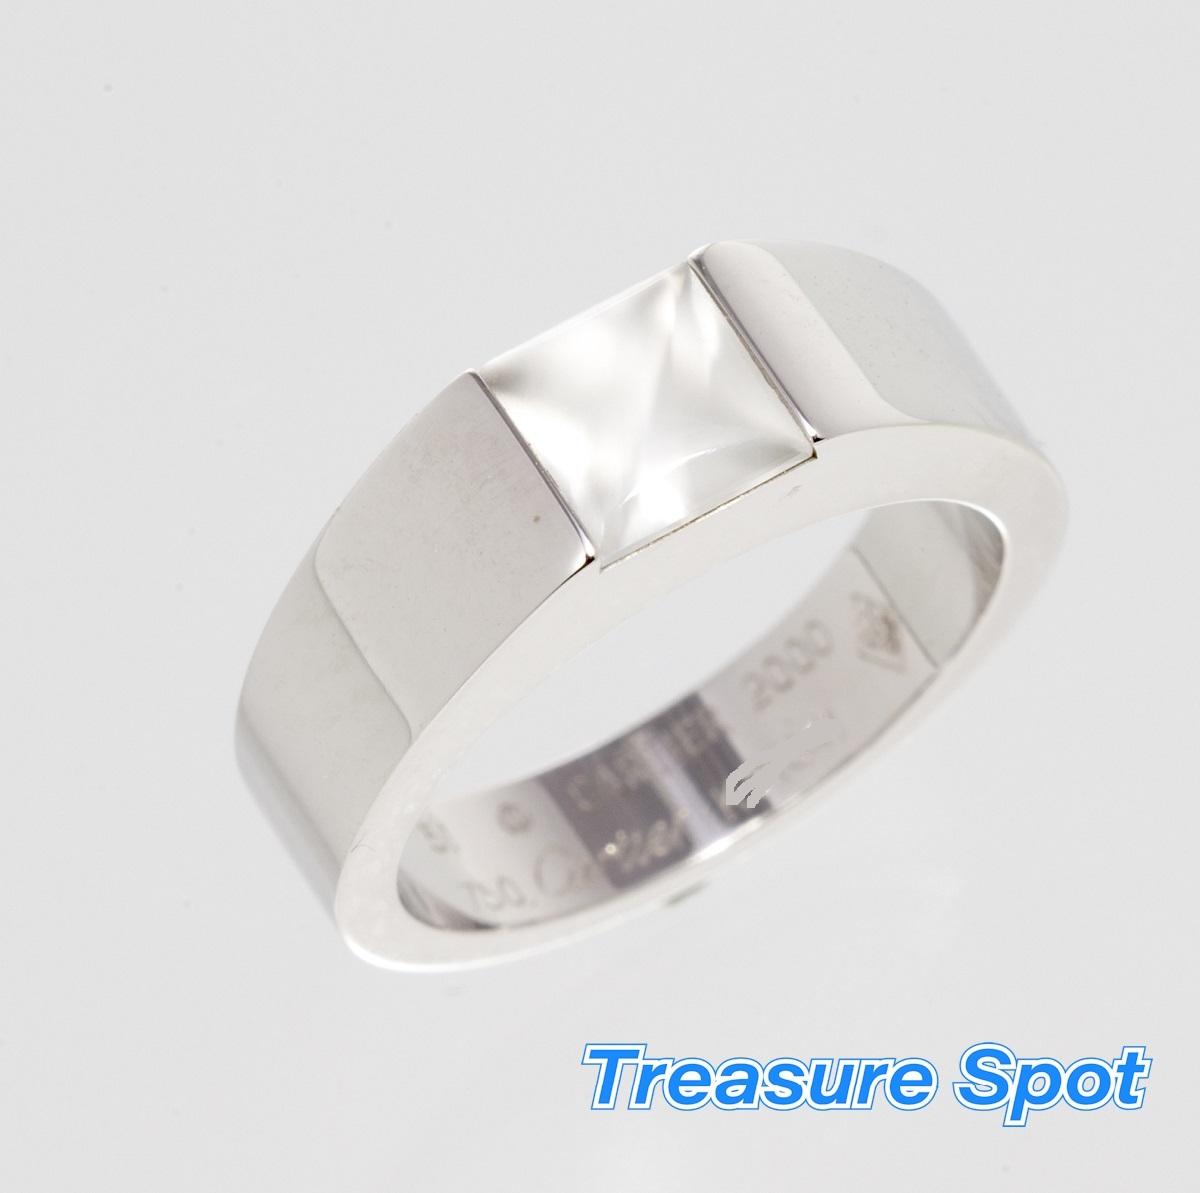 Cartier カルティエ タンクソロ リング 指輪 #51 750WG ムーンストーン 【トレジャースポット】【中古】